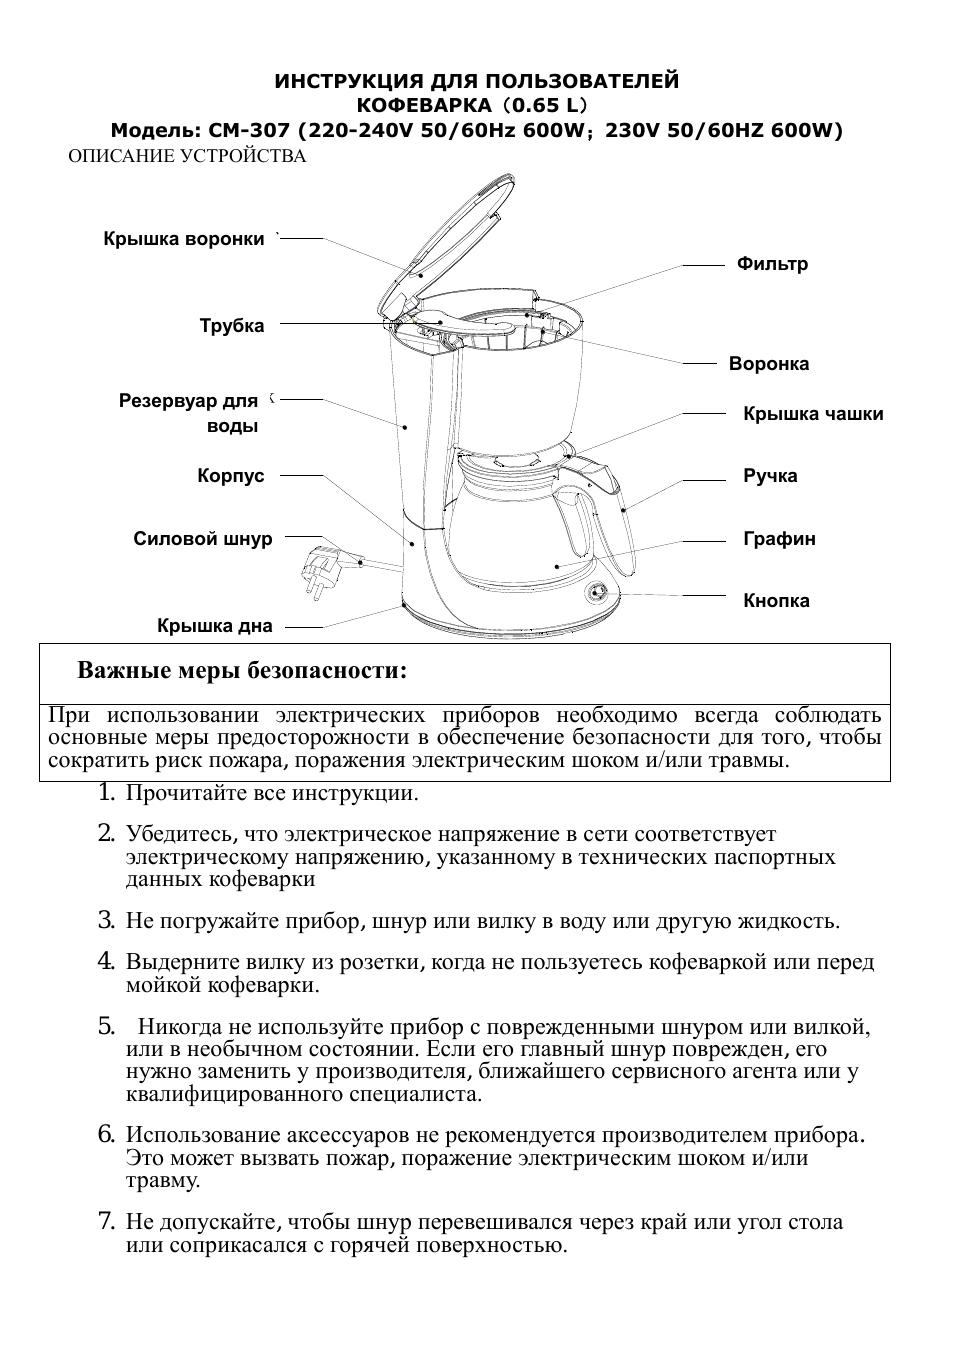 ИНСТРУКЦИЯ ДЛЯ ПОЛЬЗОВАТЕЛЕЙ КОФЕВАРКА.